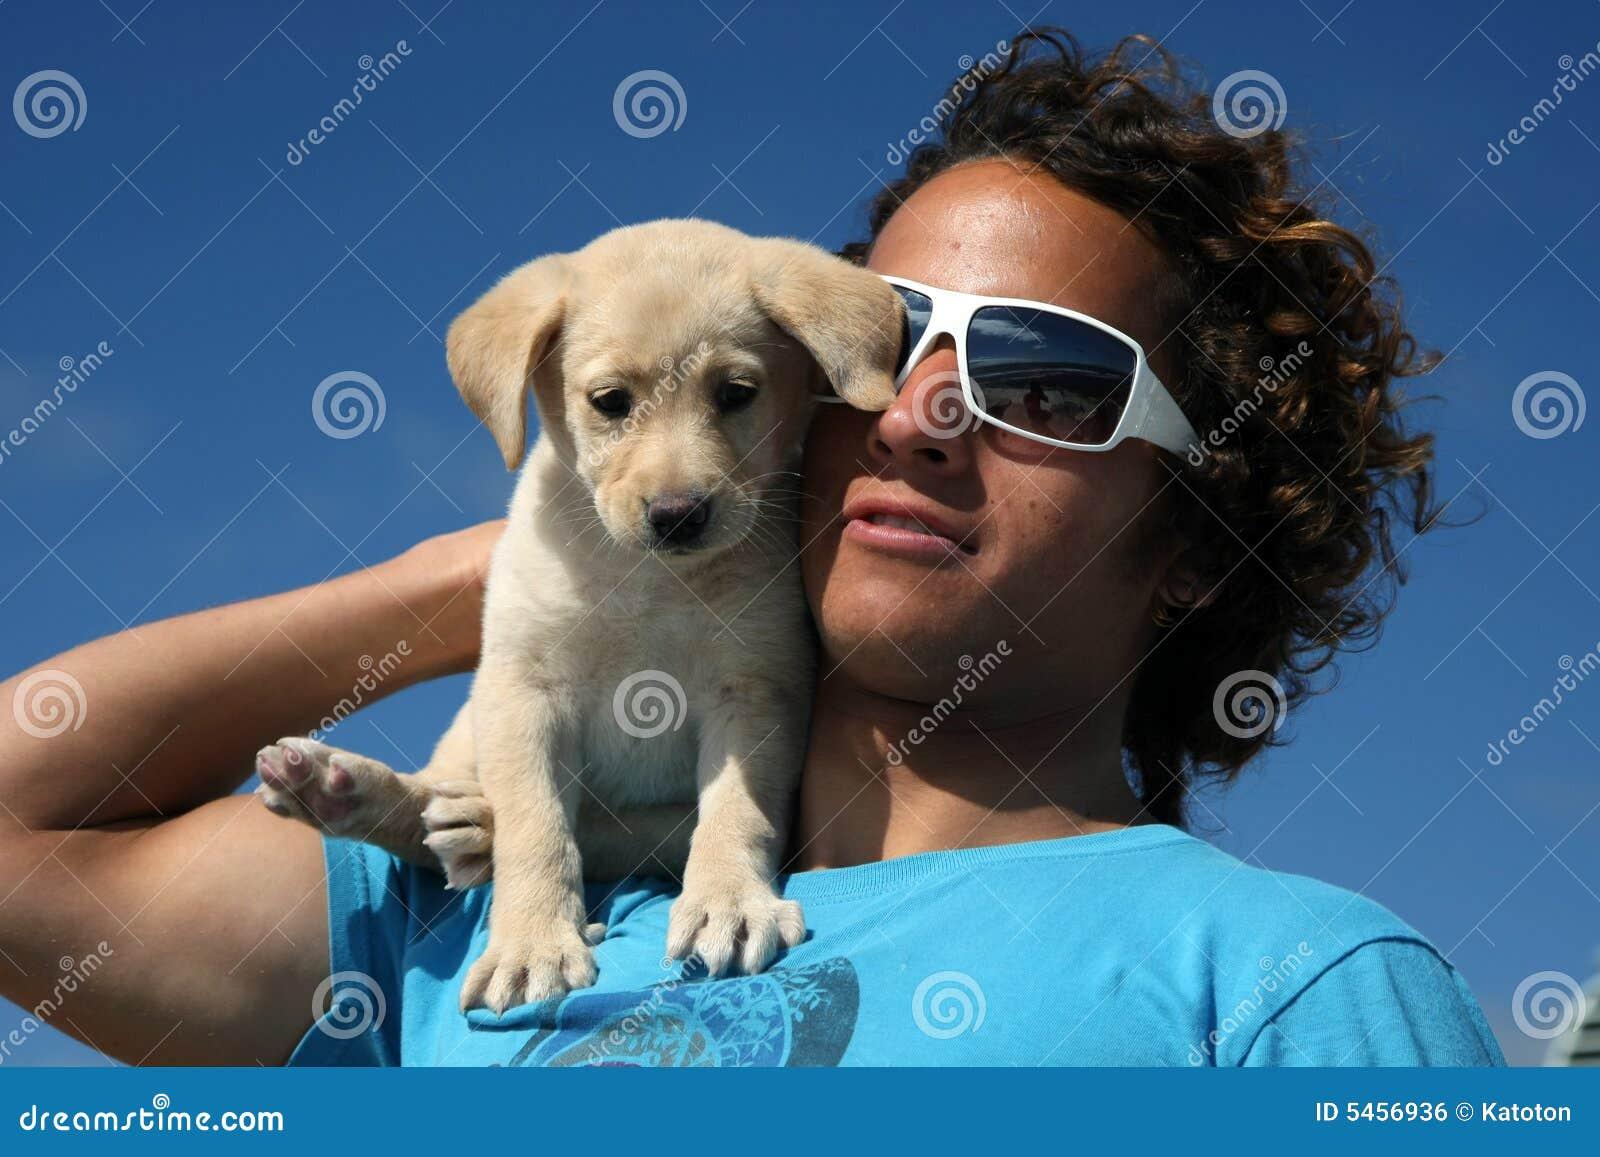 ванта собаки его серфер